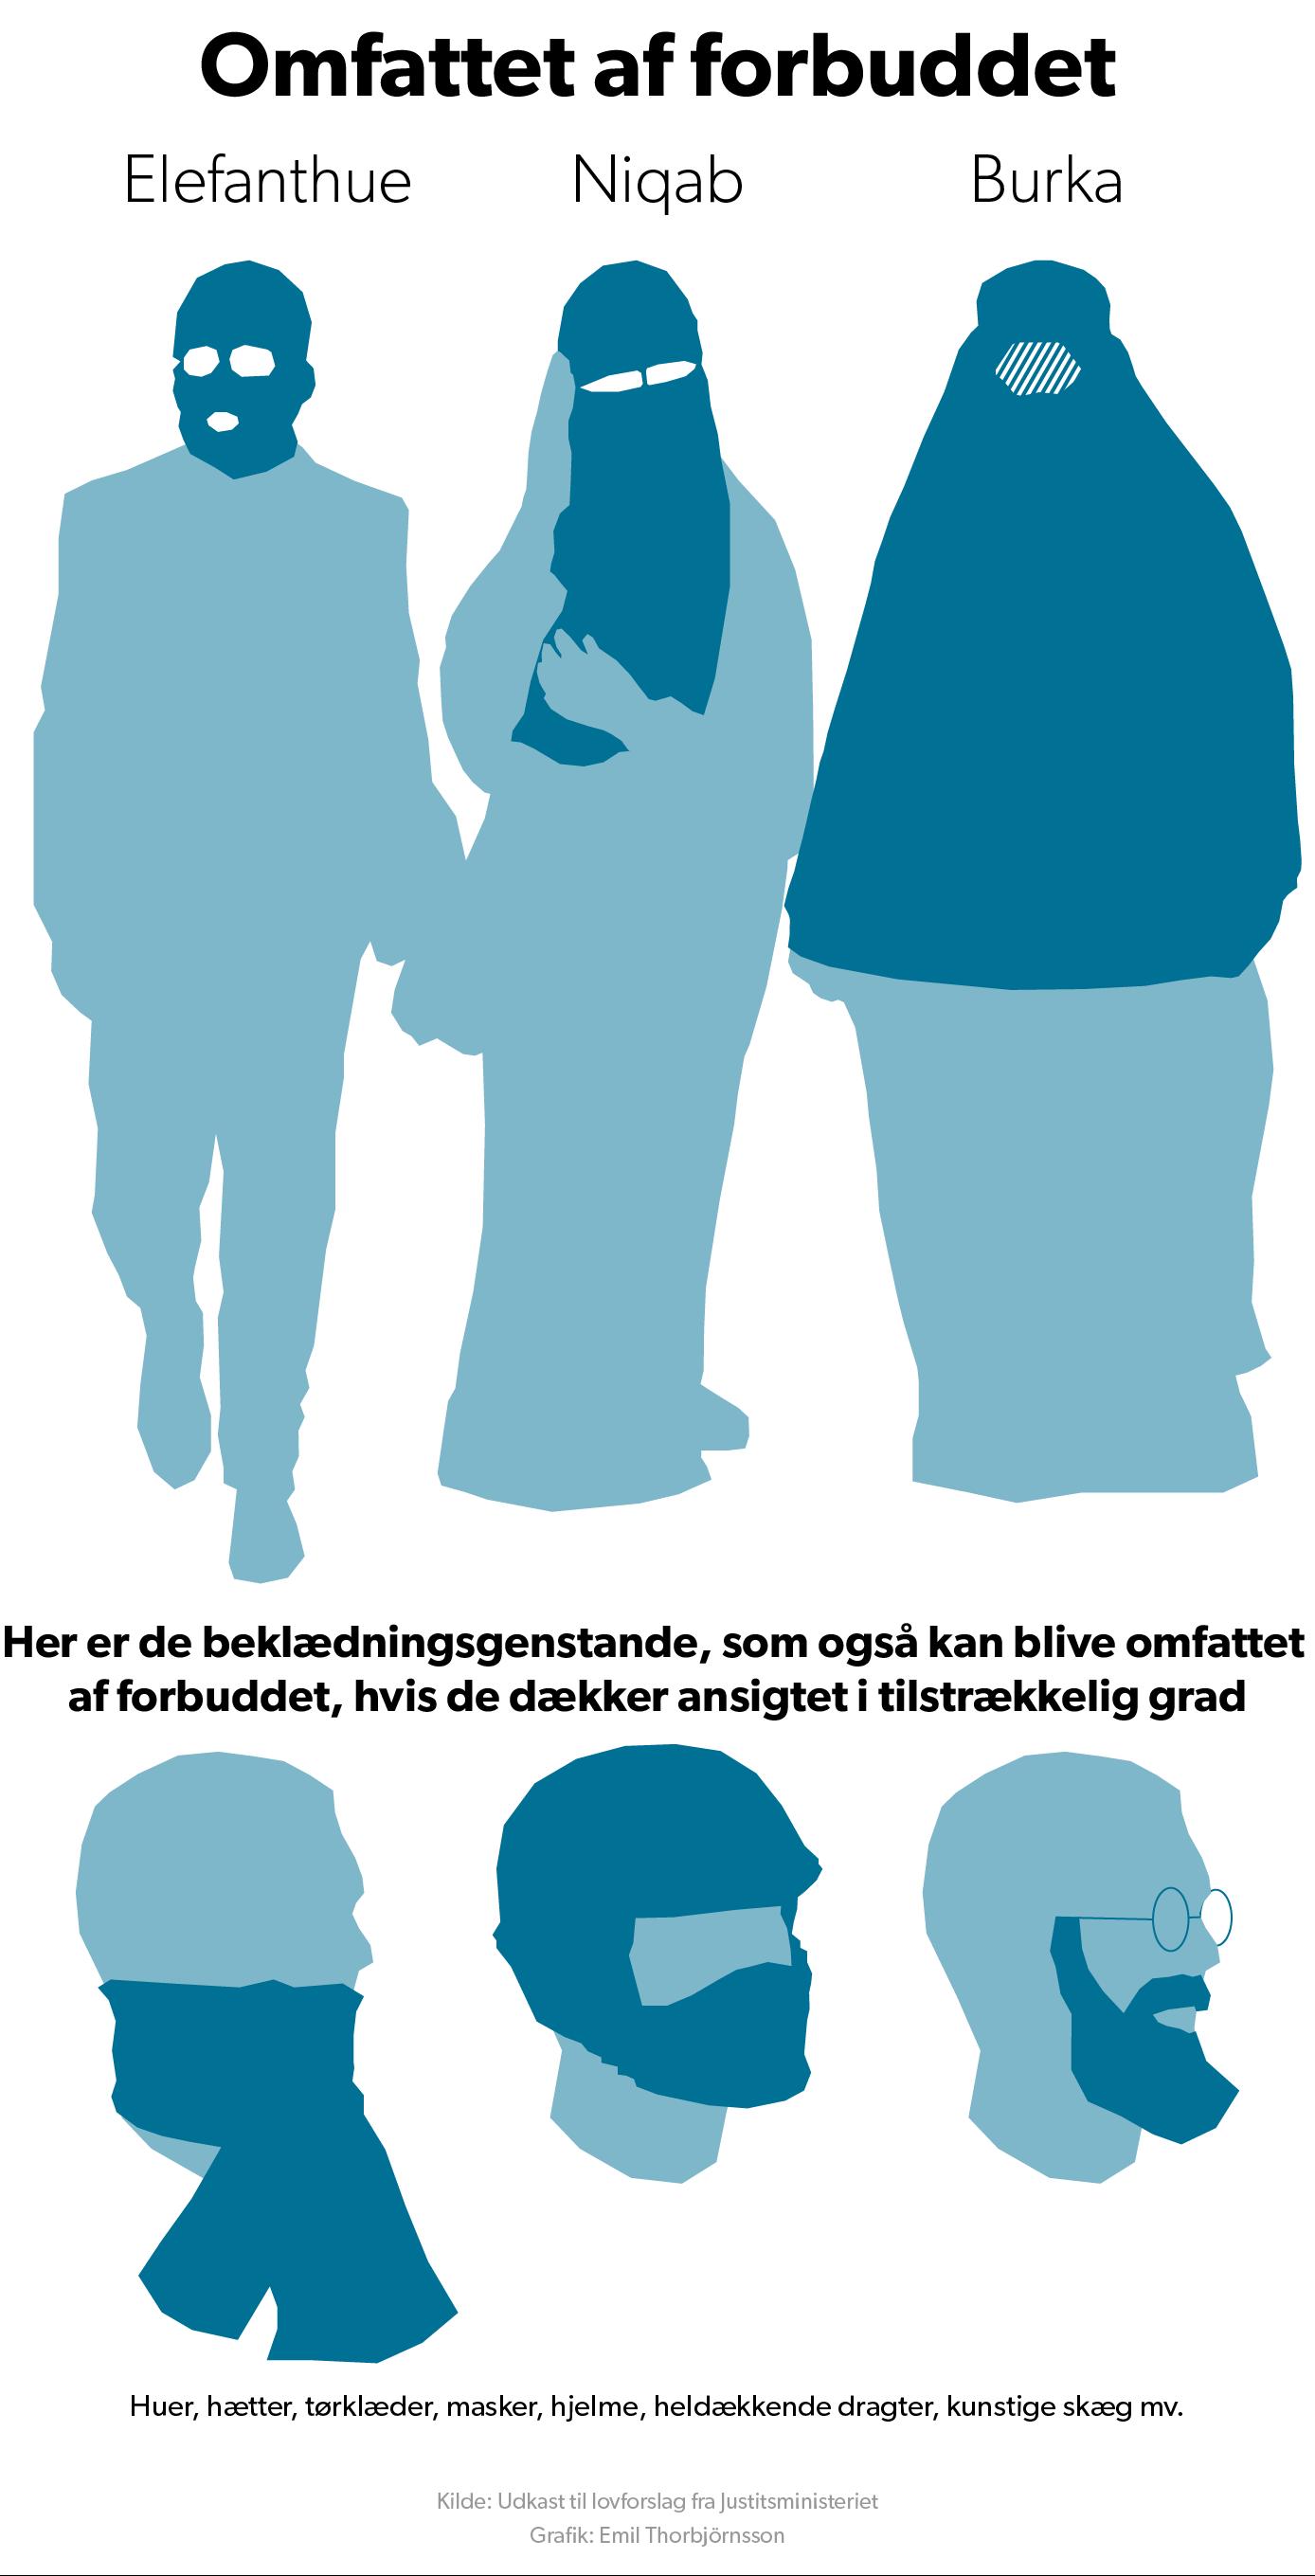 d_burka_forbud_v001.png